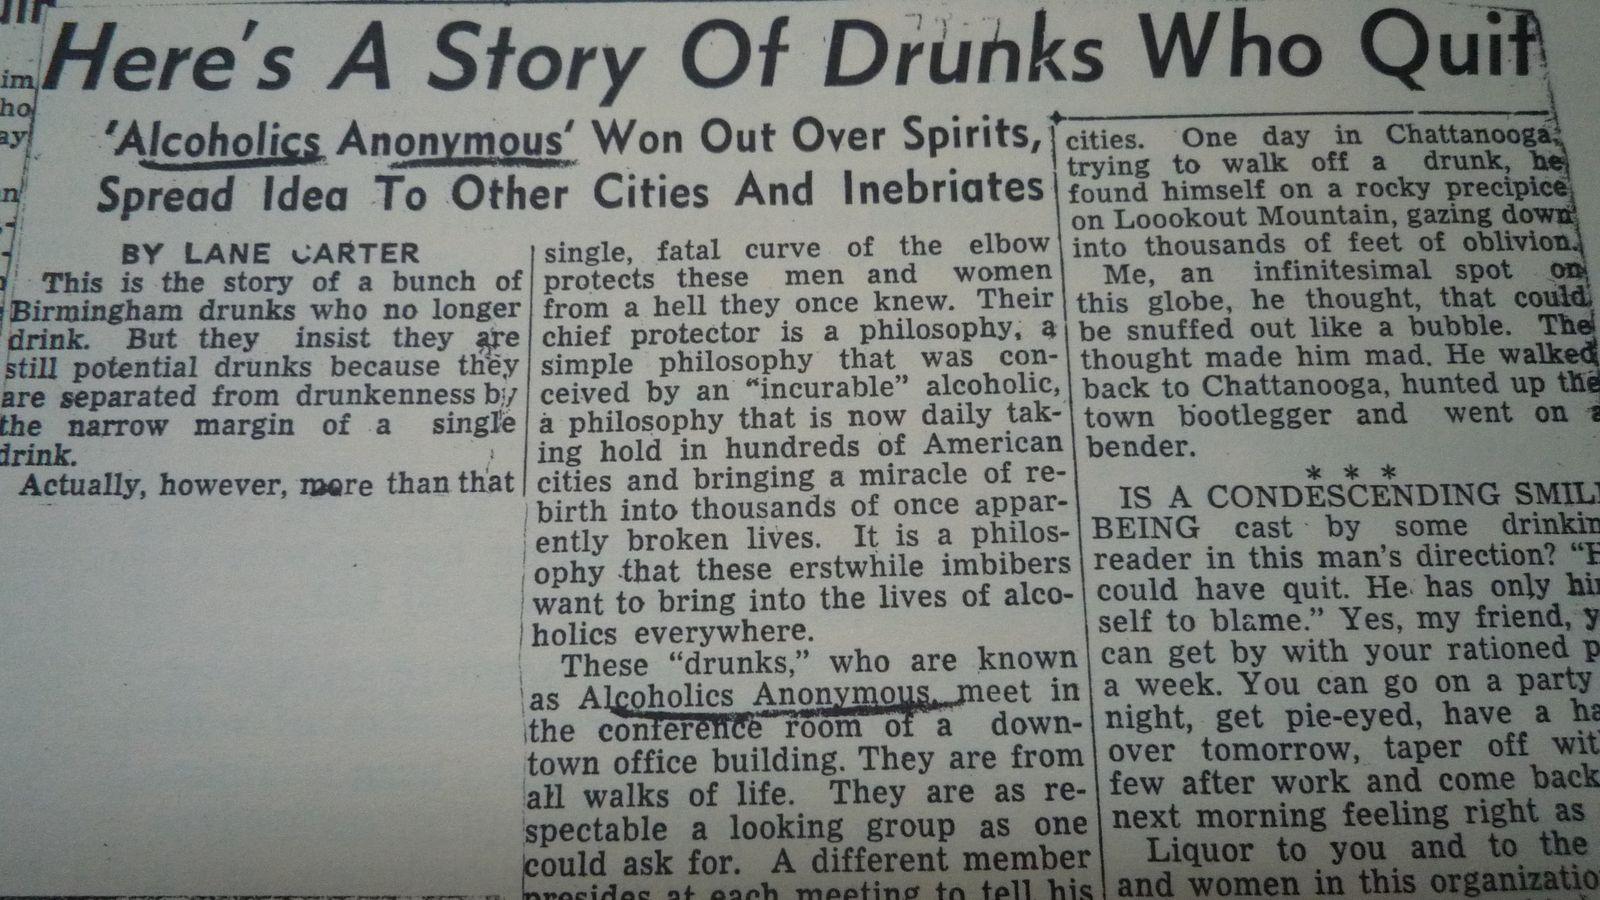 USA, birmingham news, 26 septembre 1943